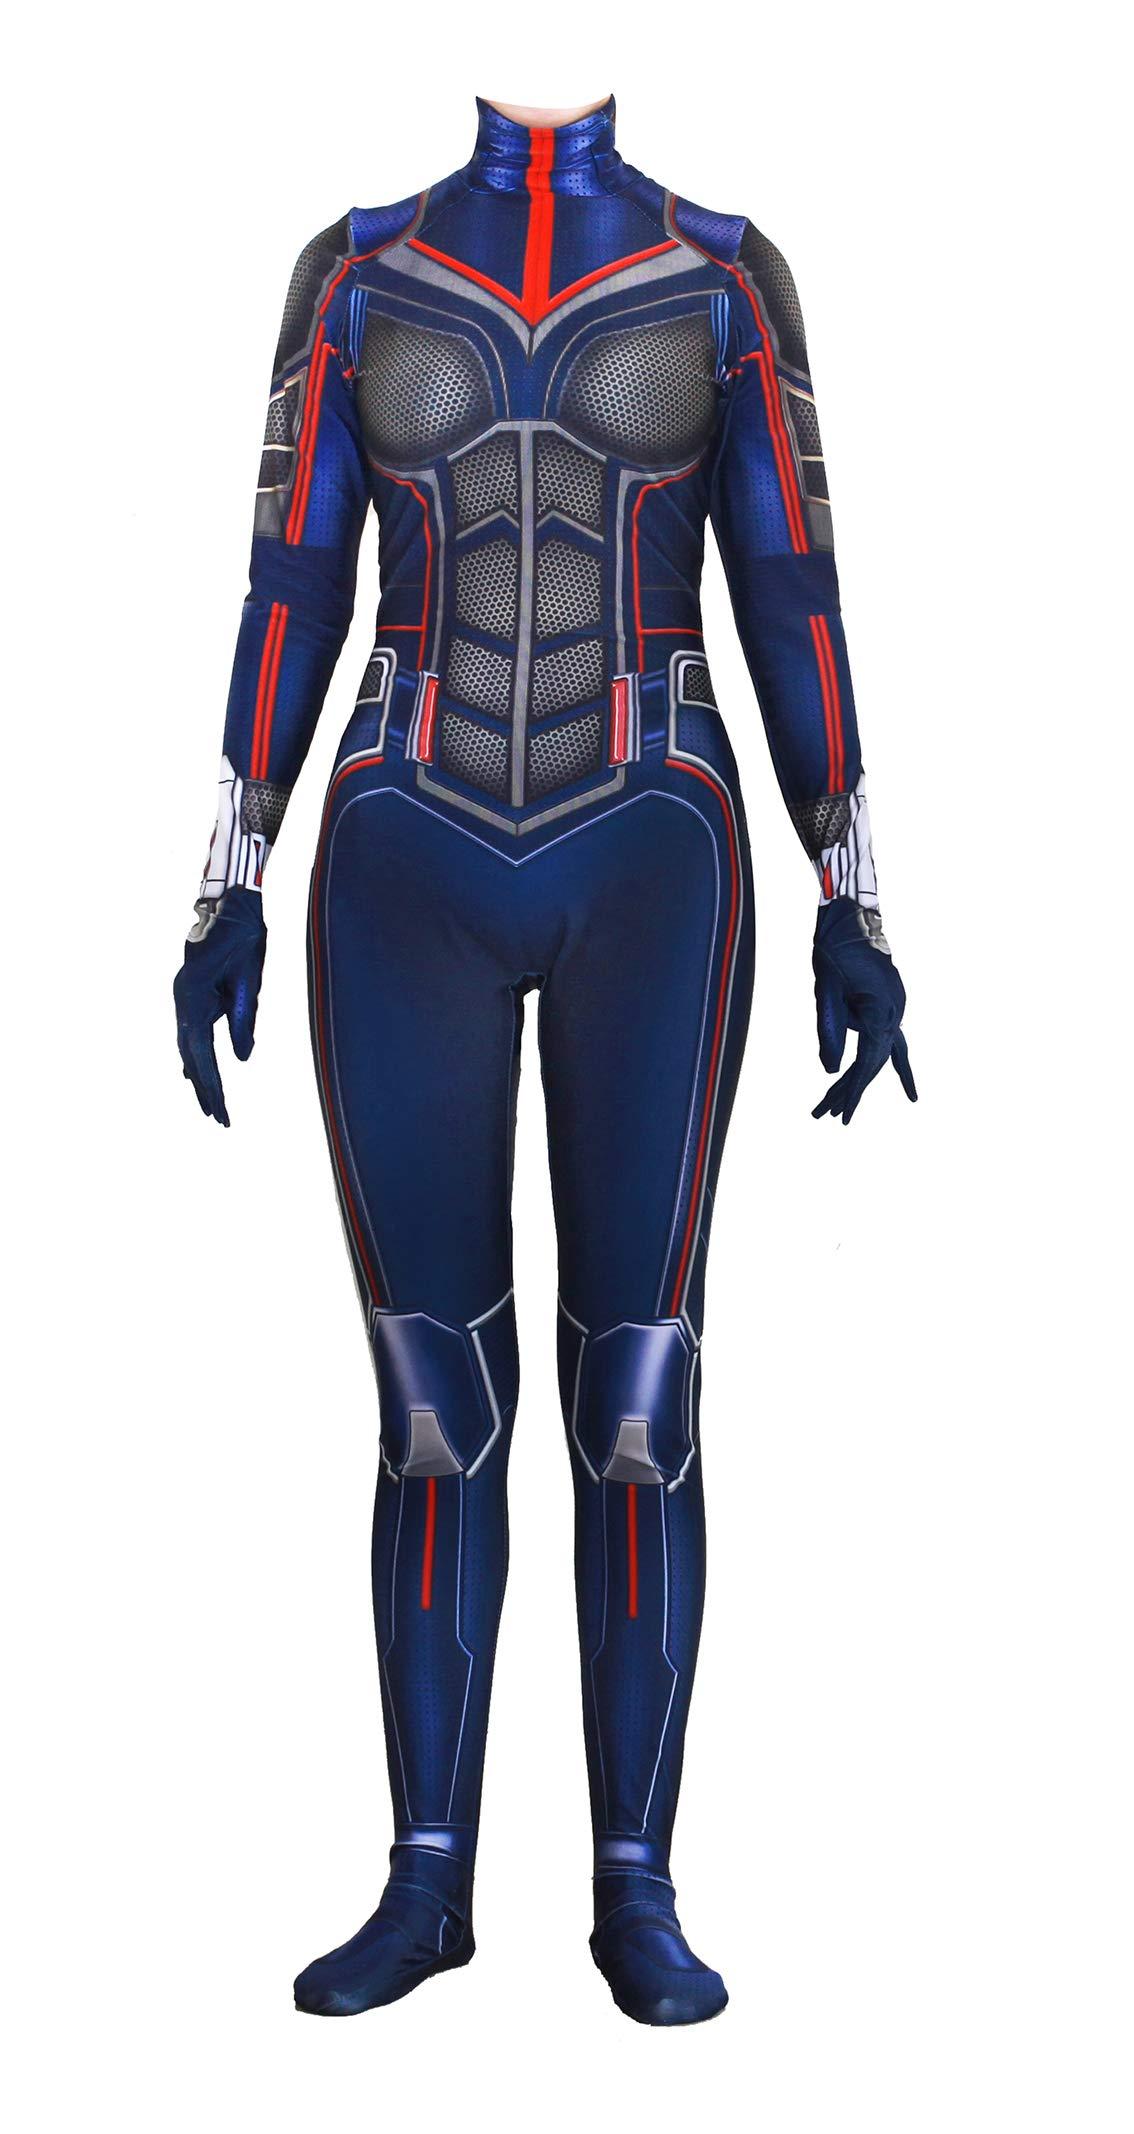 Koveinc T Shirt Superhero Costume Zentai Suit Women Kids Halloween Cosplay Costumes 71AJzVzfejL